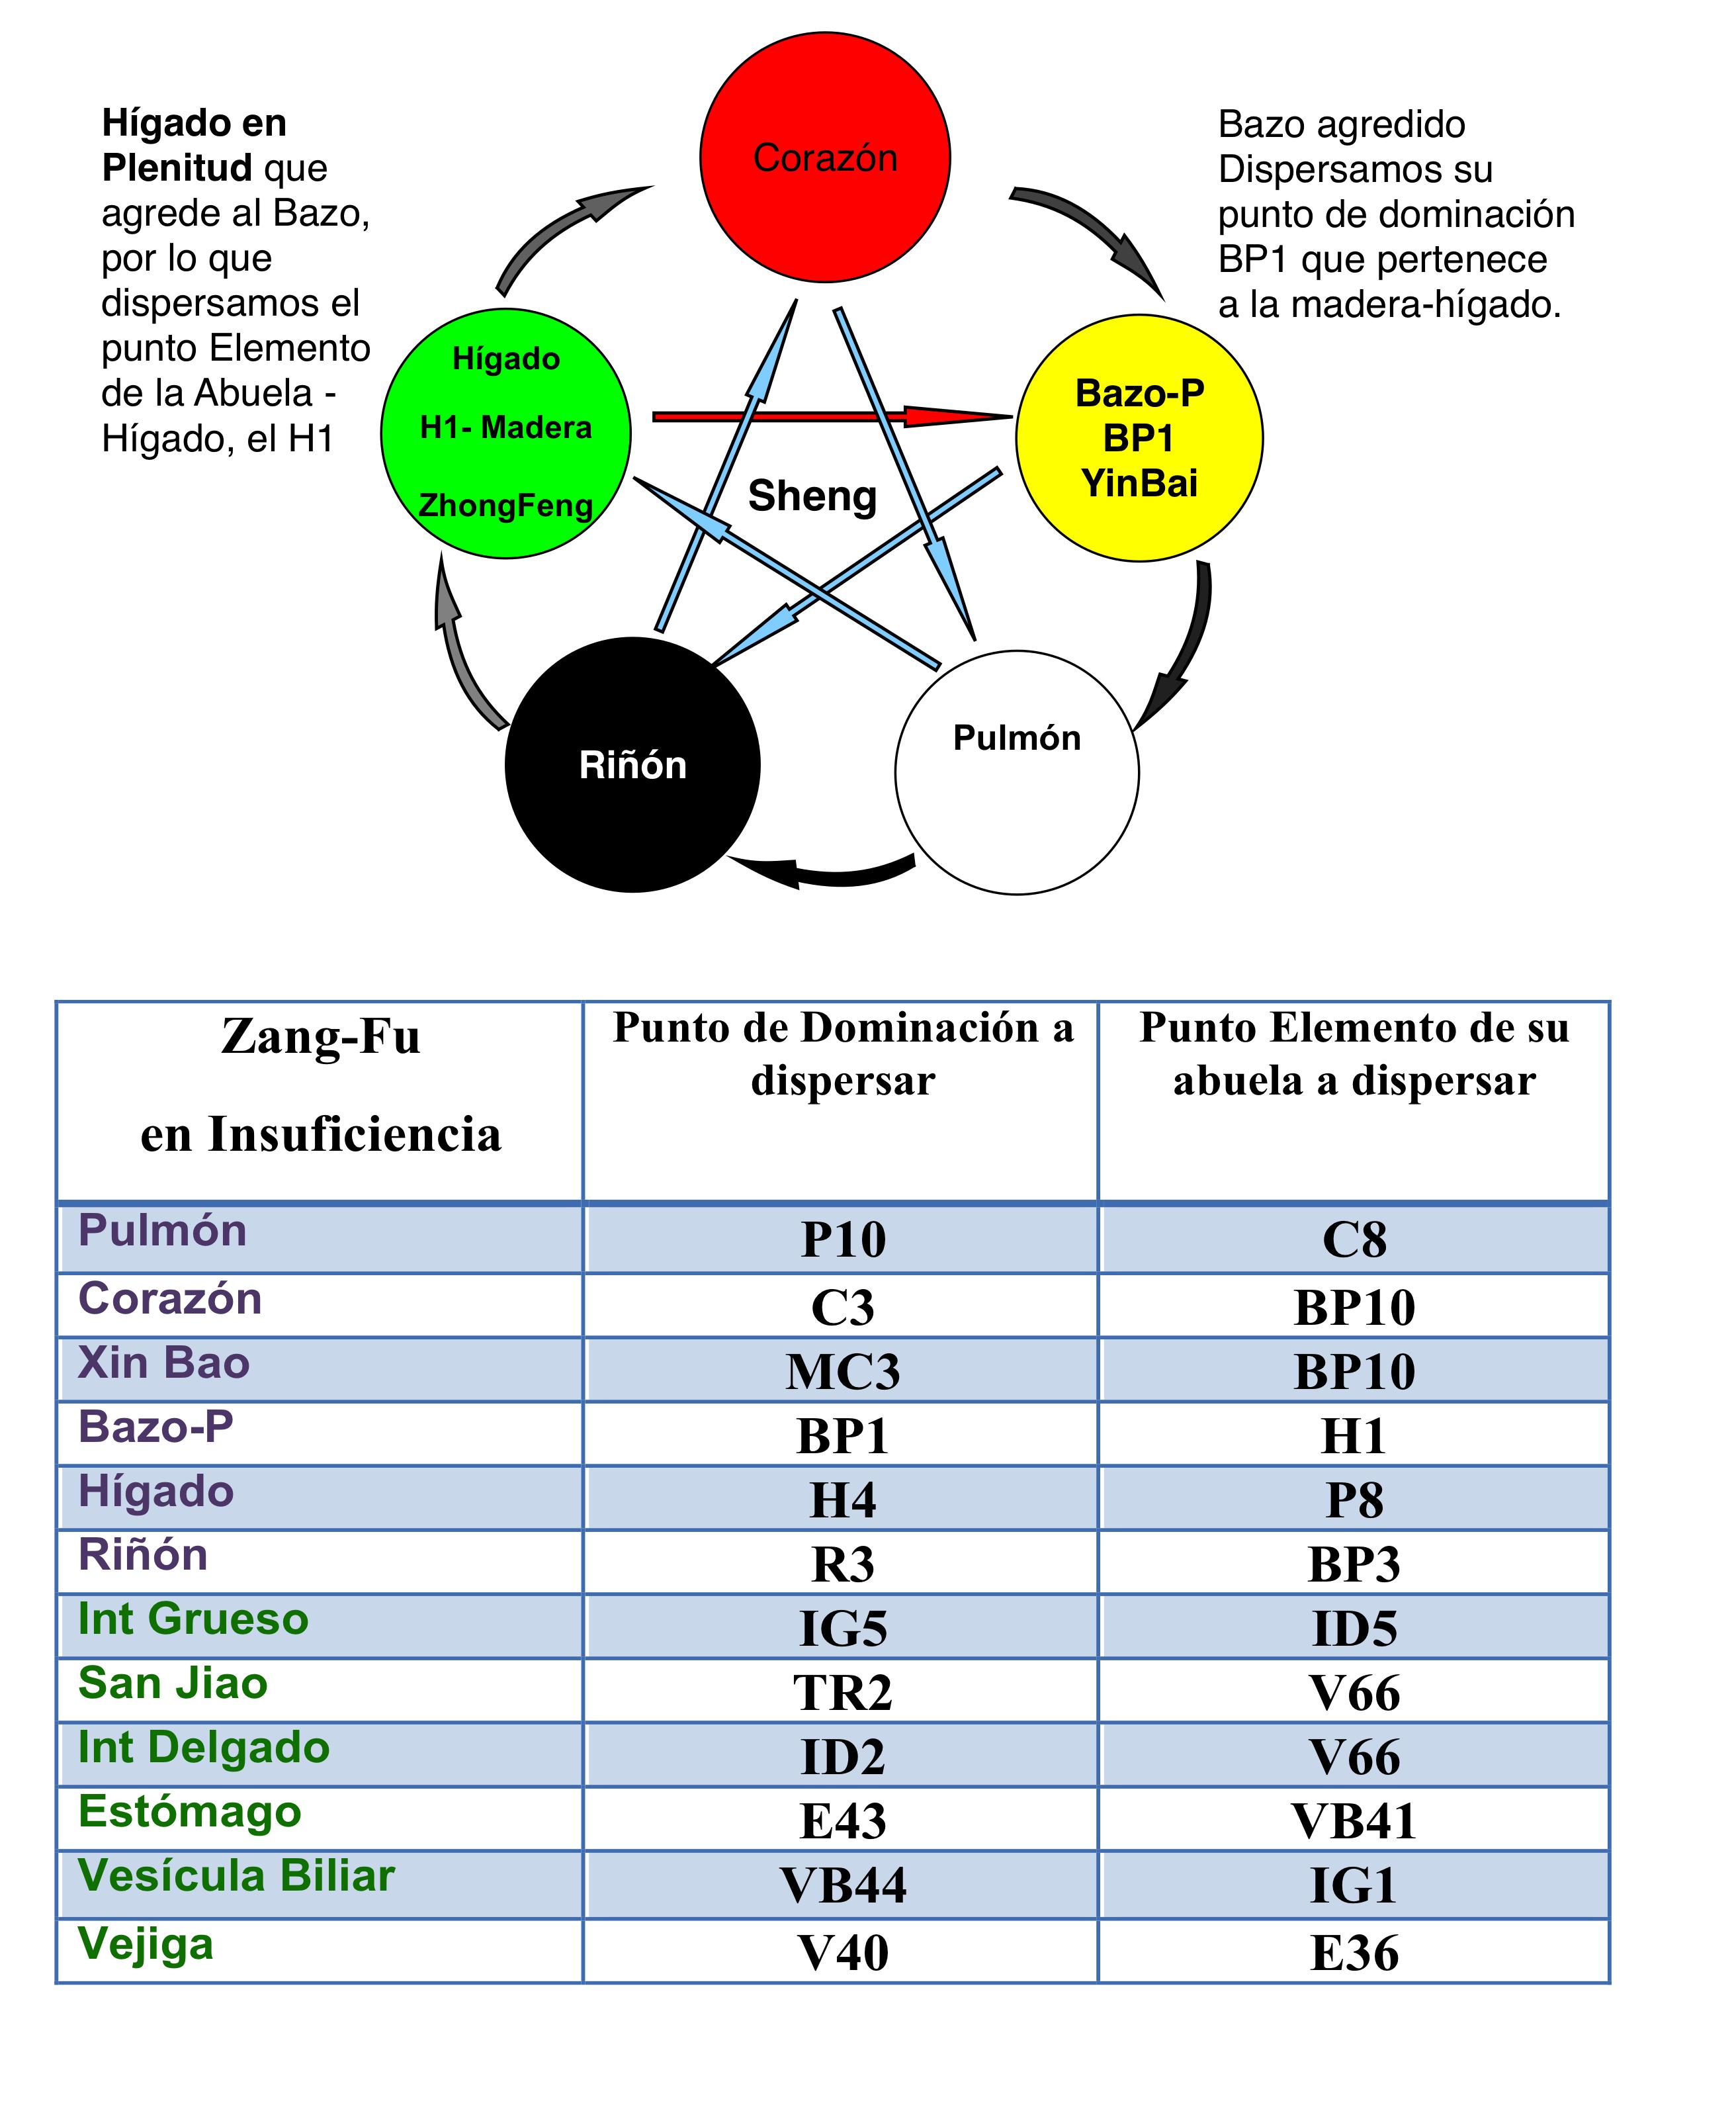 Medicina para bajar de peso logarithmic properties